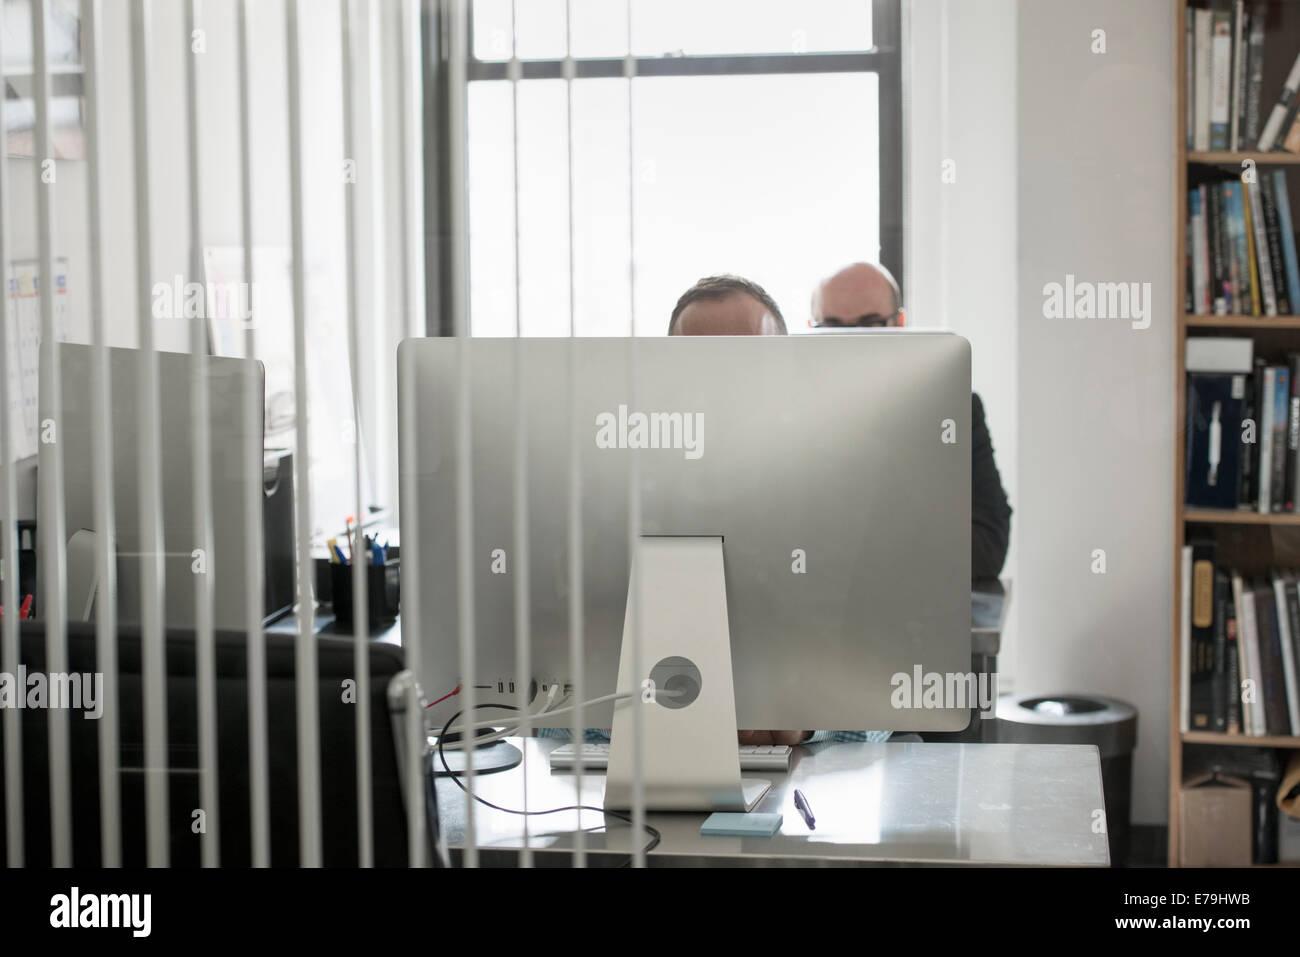 Vita in ufficio. Due persone sedute davanti ad una scrivania dietro un computer terminale. Immagini Stock